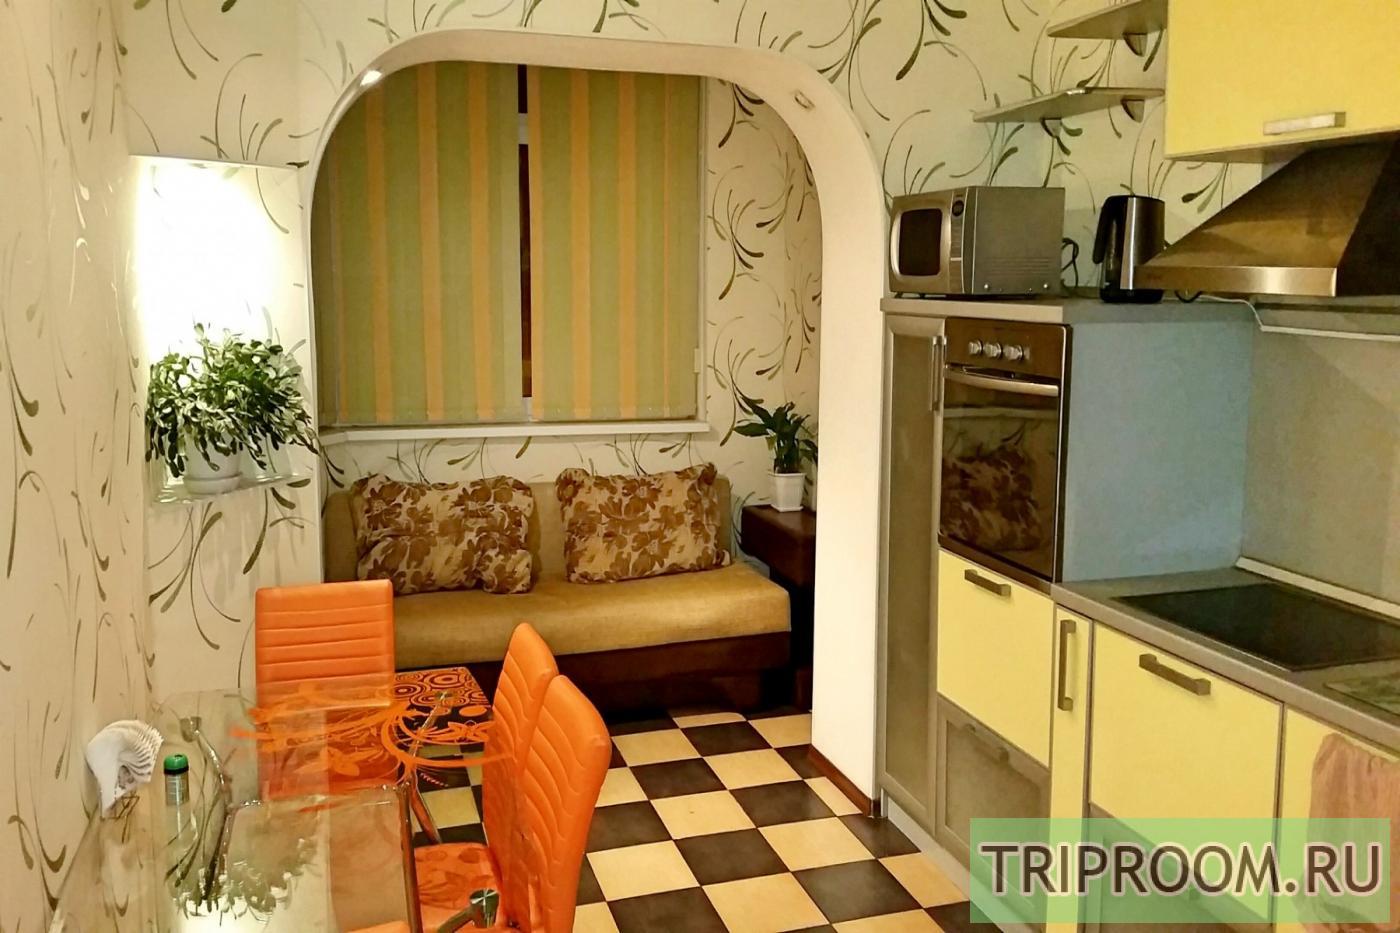 1-комнатная квартира посуточно (вариант № 18483), ул. Профсоюзов улица, фото № 4